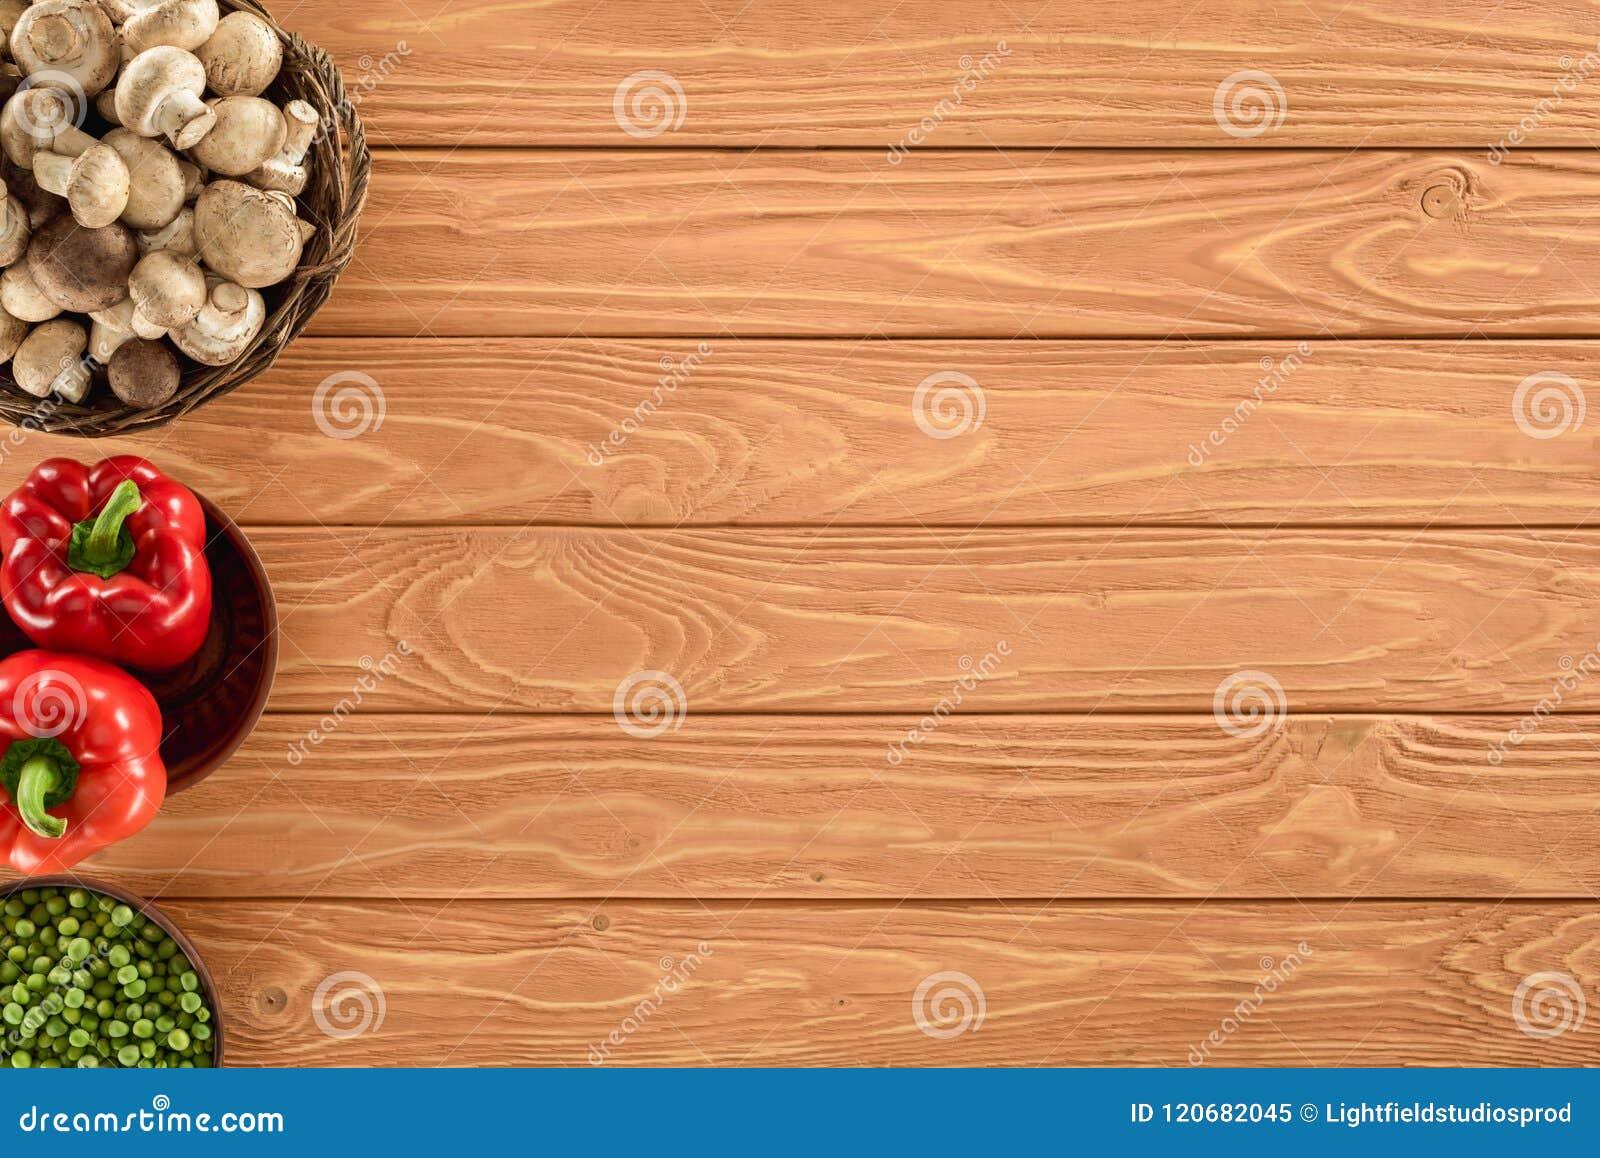 La vista superior del champiñón prolifera rápidamente con paprika y guisantes en cuencos